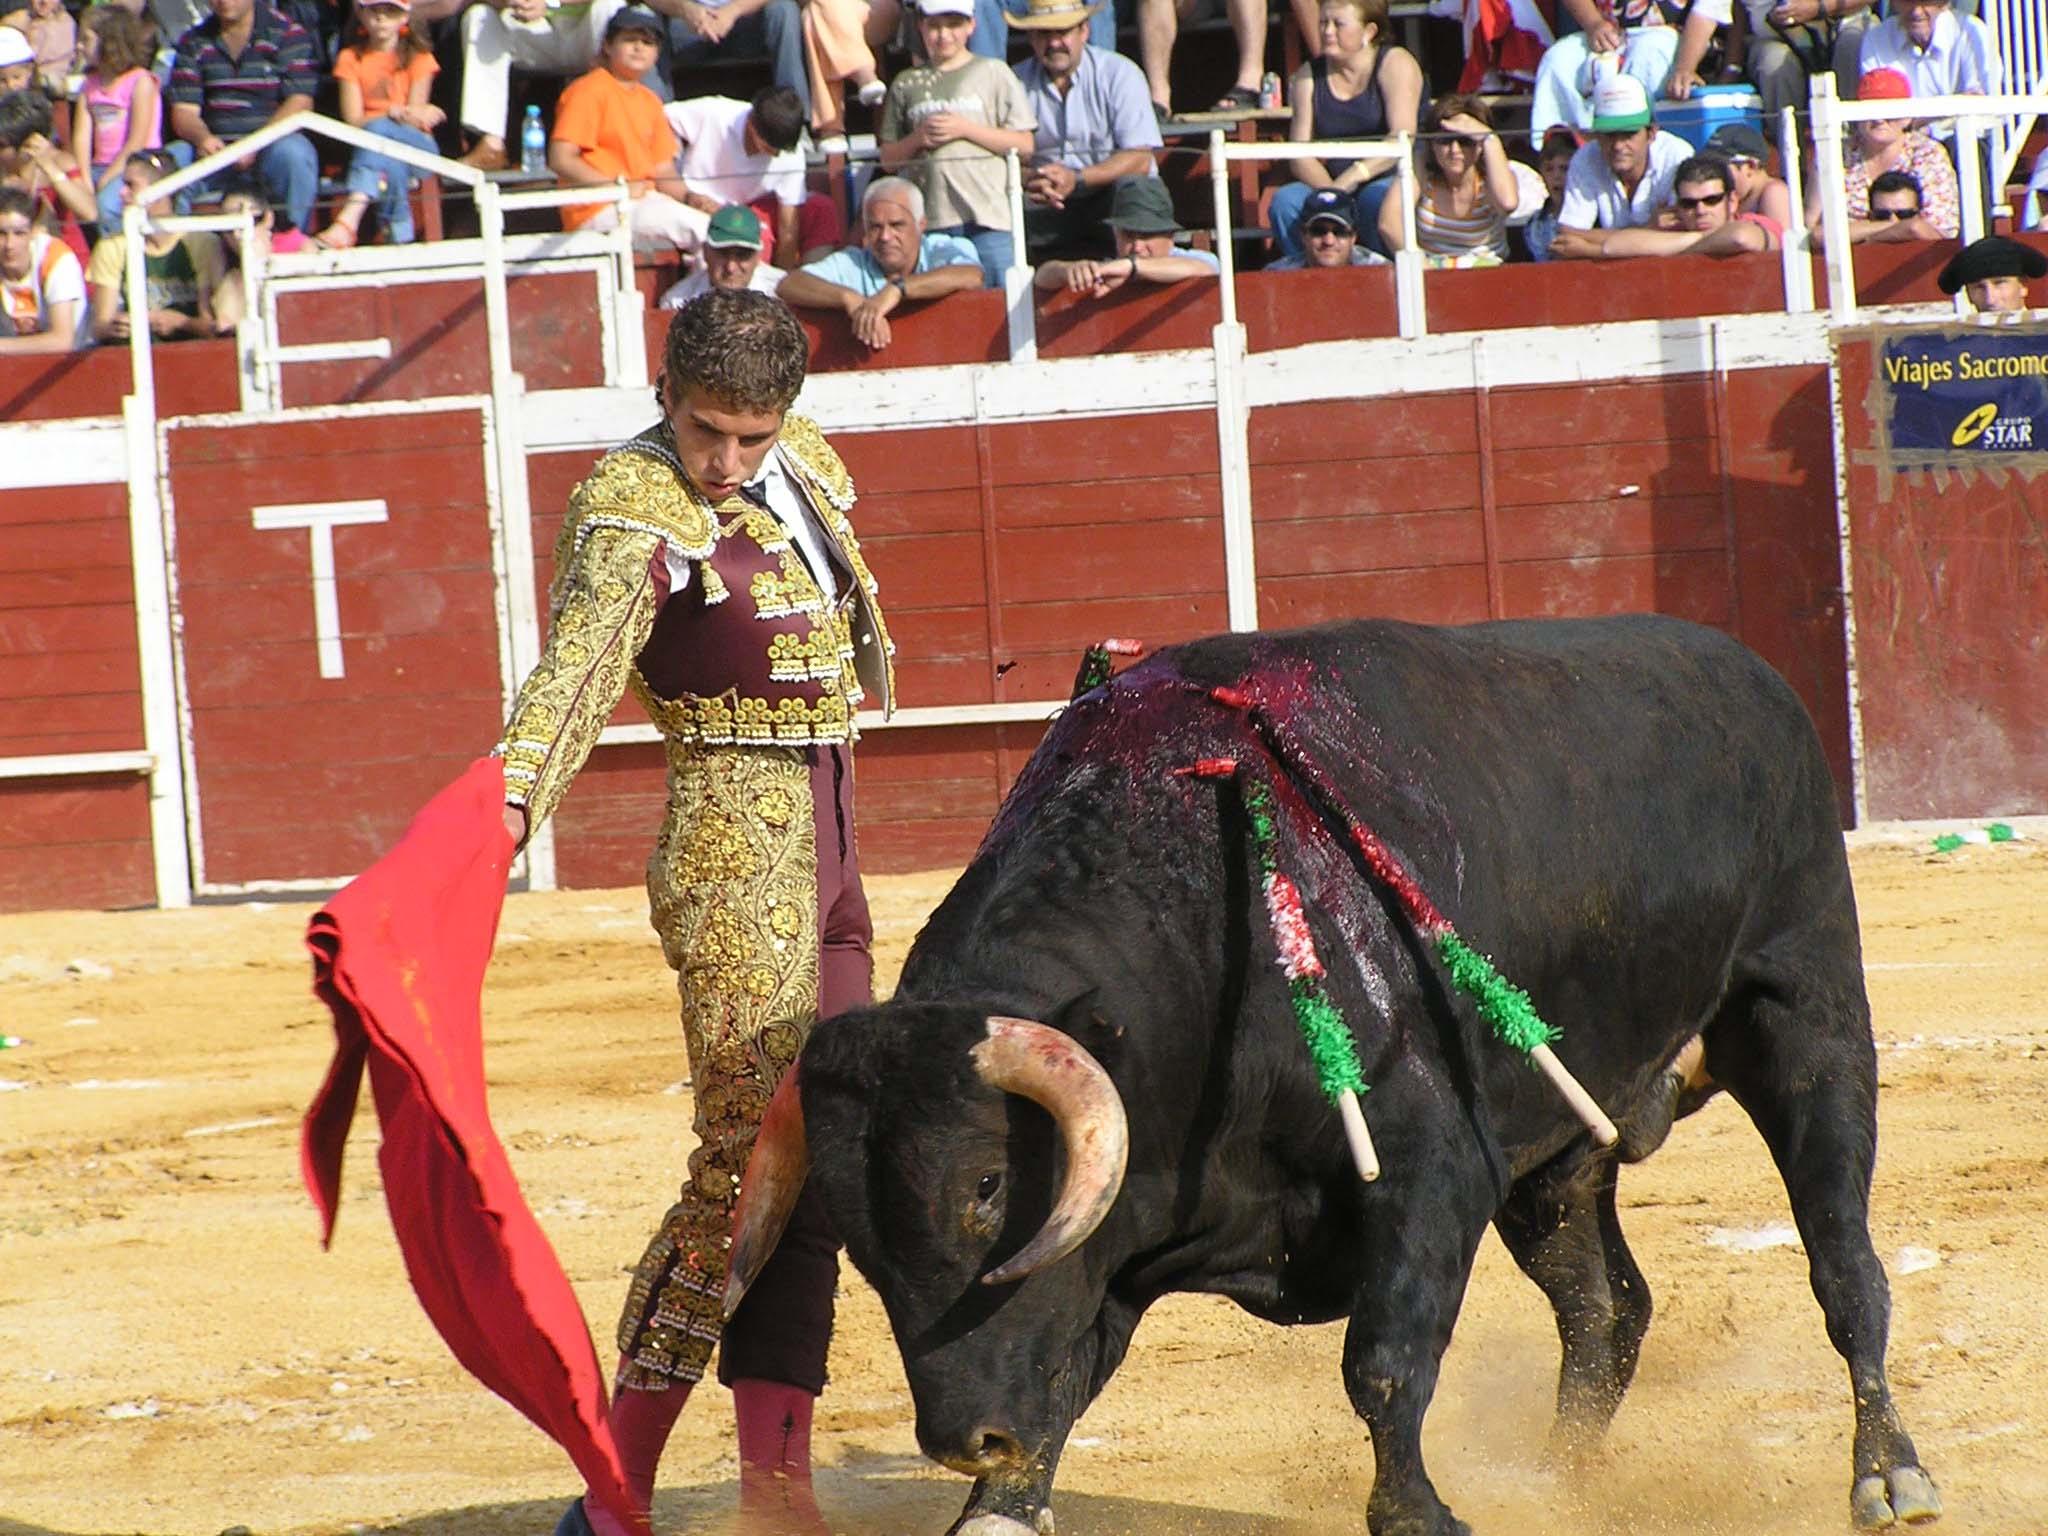 Toreros De Espana